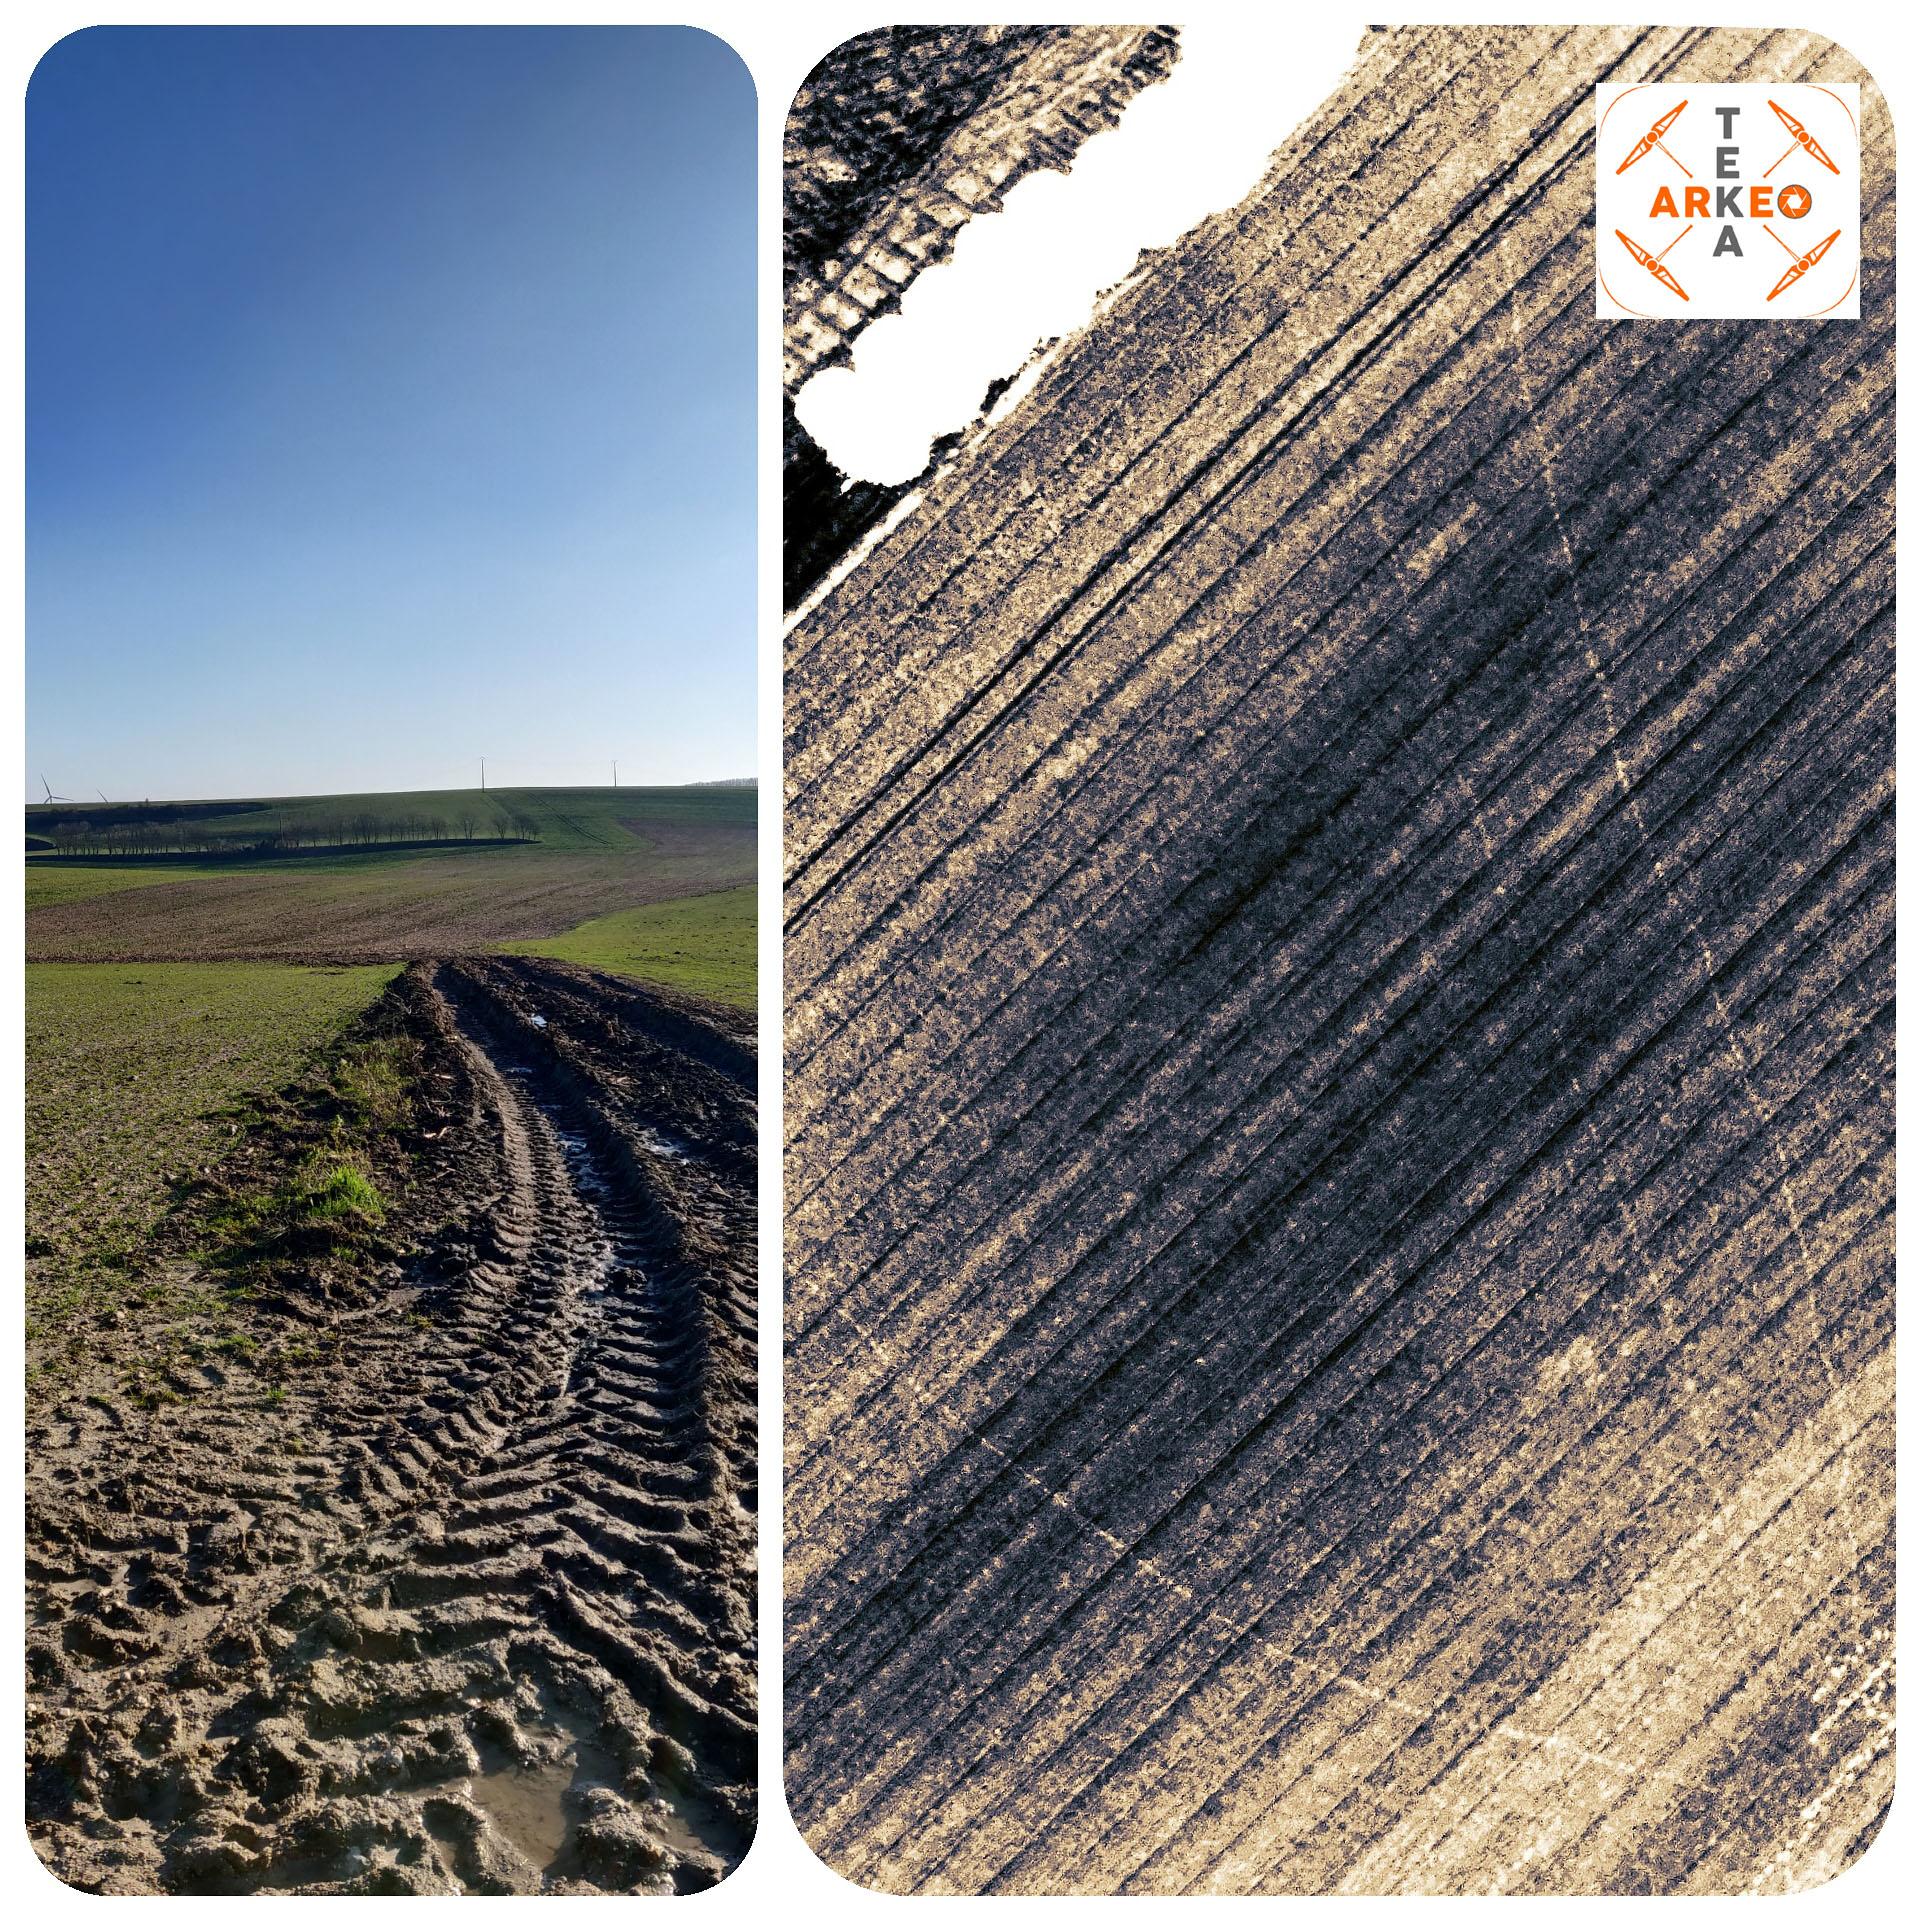 Fossé archéologique visible dans un champ labouré